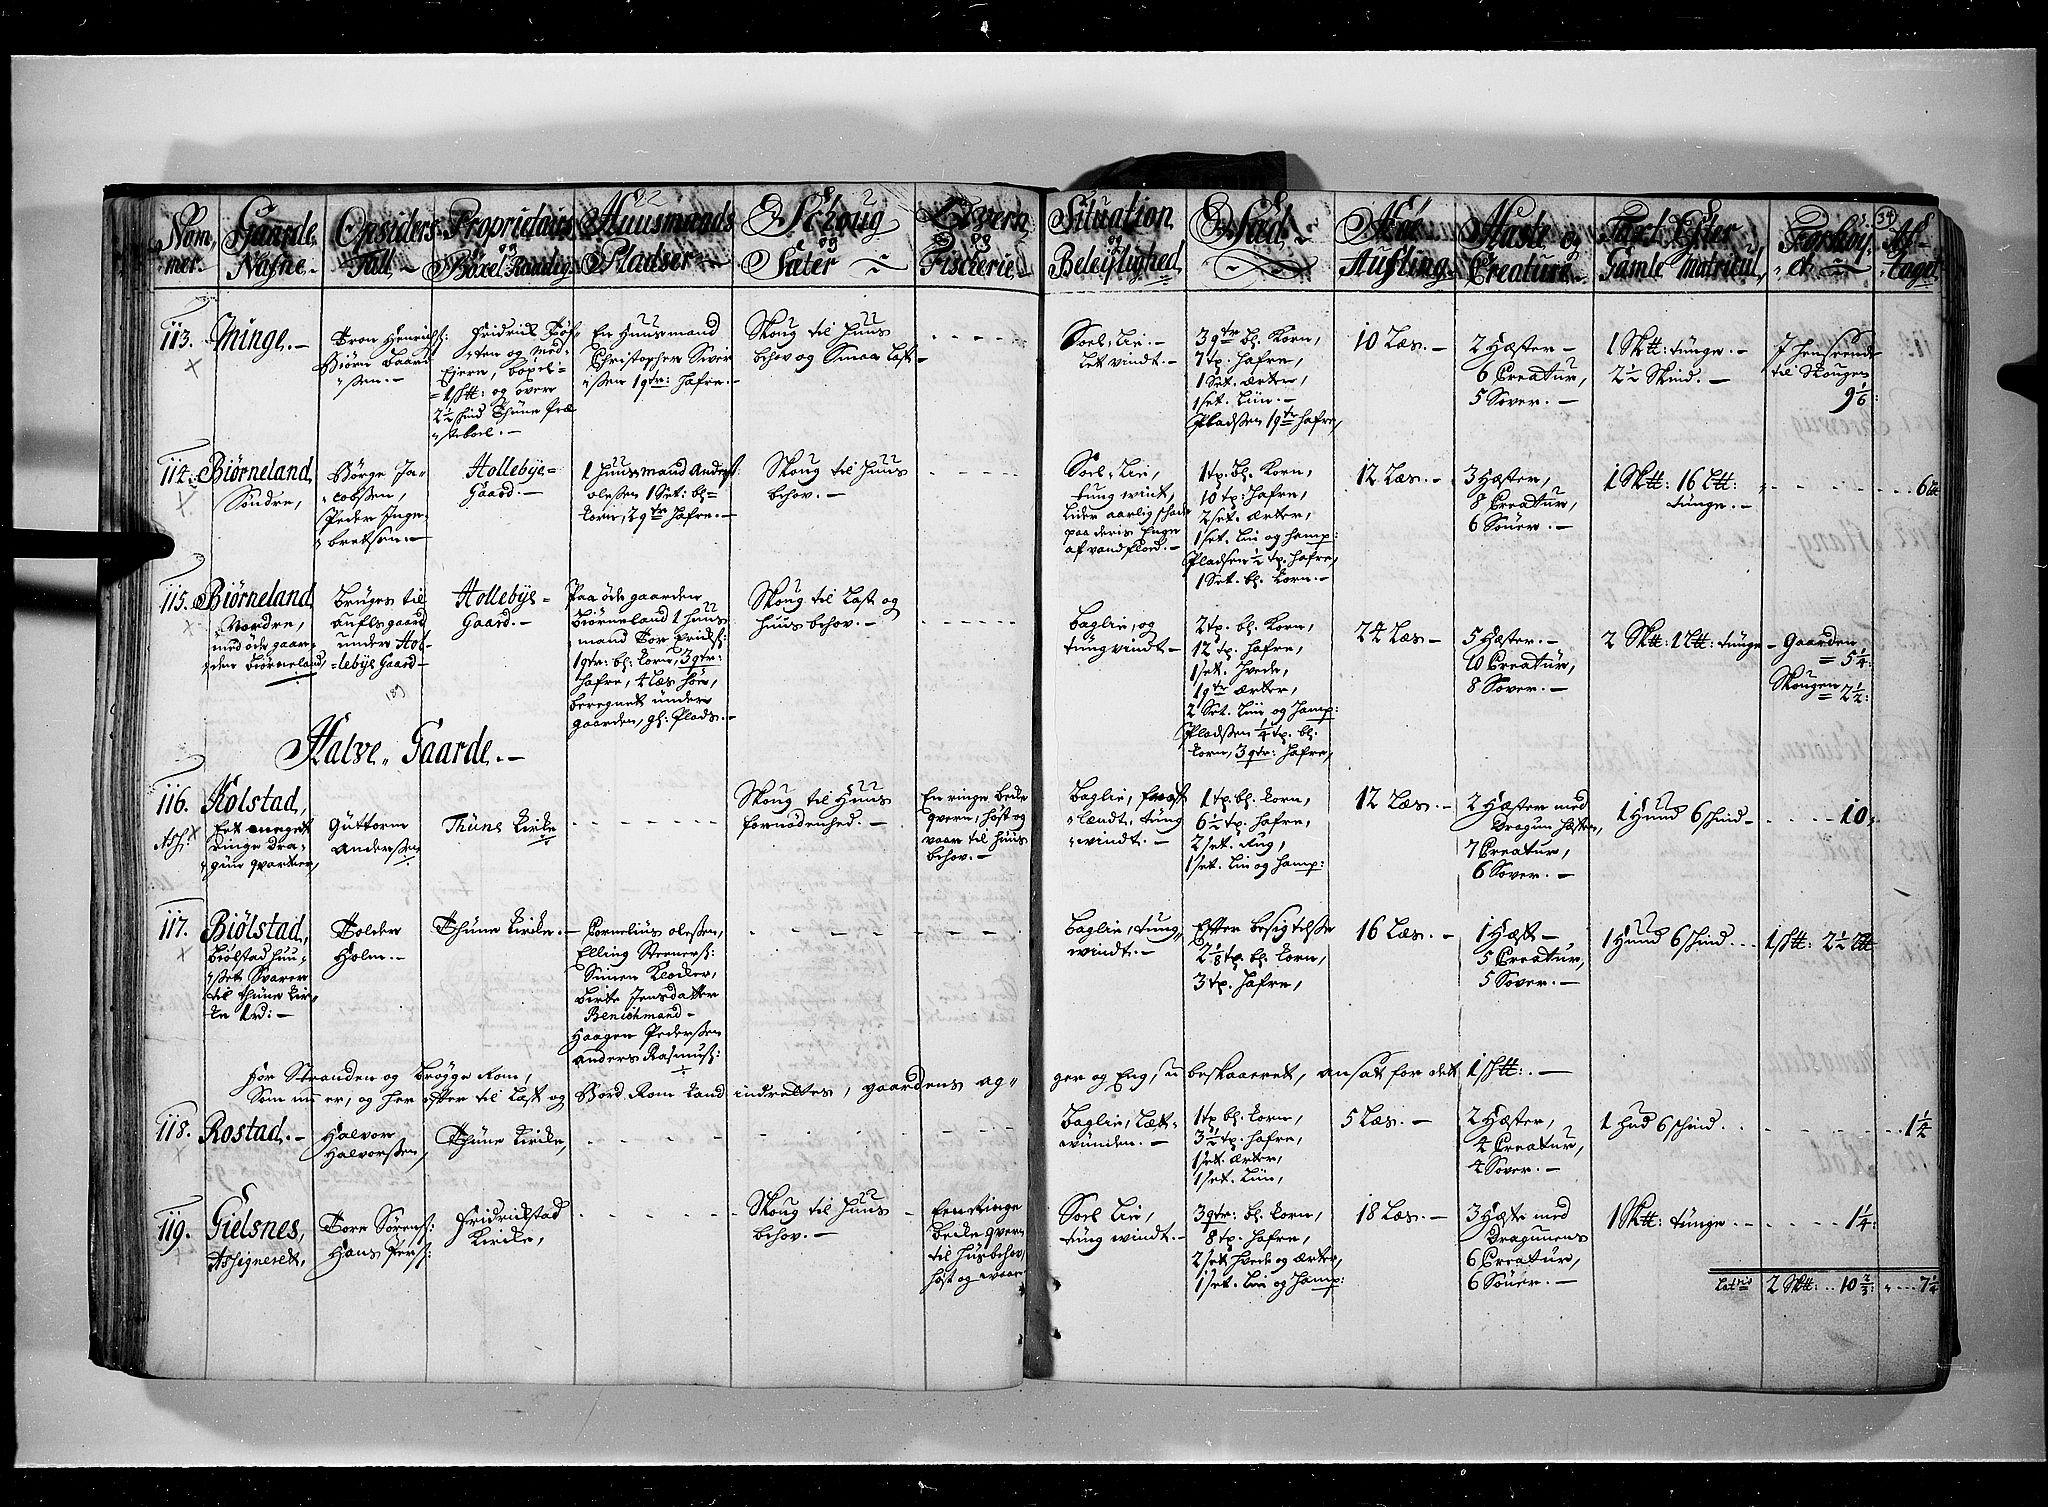 RA, Rentekammeret inntil 1814, Realistisk ordnet avdeling, N/Nb/Nbf/L0095: Moss, Onsøy, Tune og Veme eksaminasjonsprotokoll, 1723, s. 33b-34a